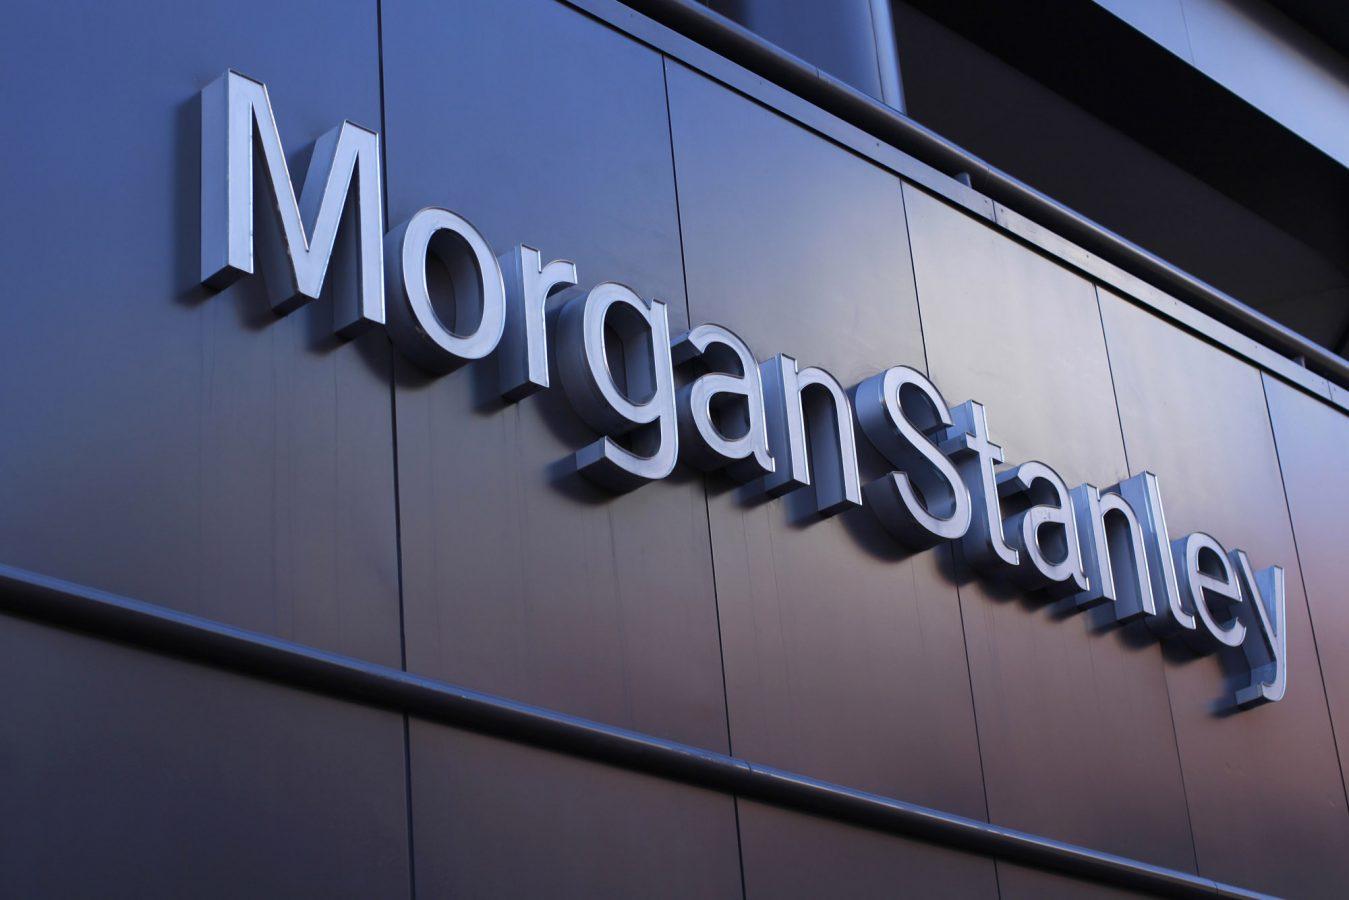 Contratti Futures sui Bitcoin Morgan Stanley arriva a proporli sul mercato - Contratti Futures sui Bitcoin: Morgan Stanley arriva a proporli sul mercato